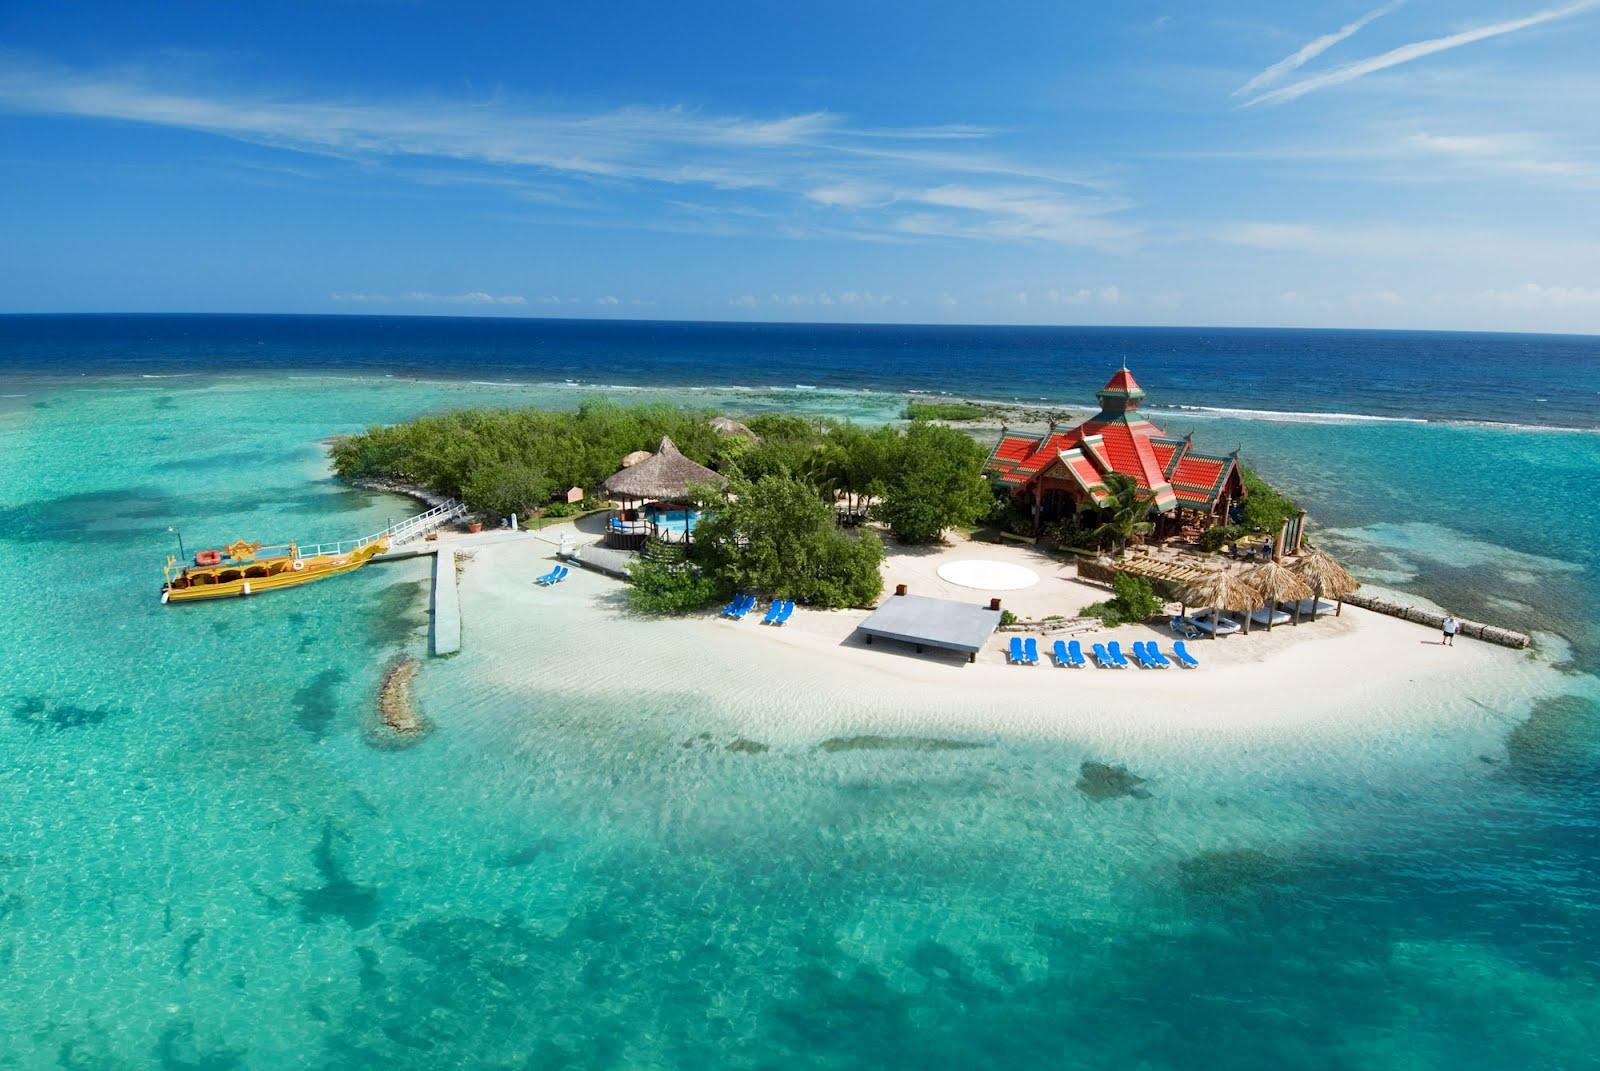 America Trek Sandals Royal Caribbean Bali Hai 1600x1071